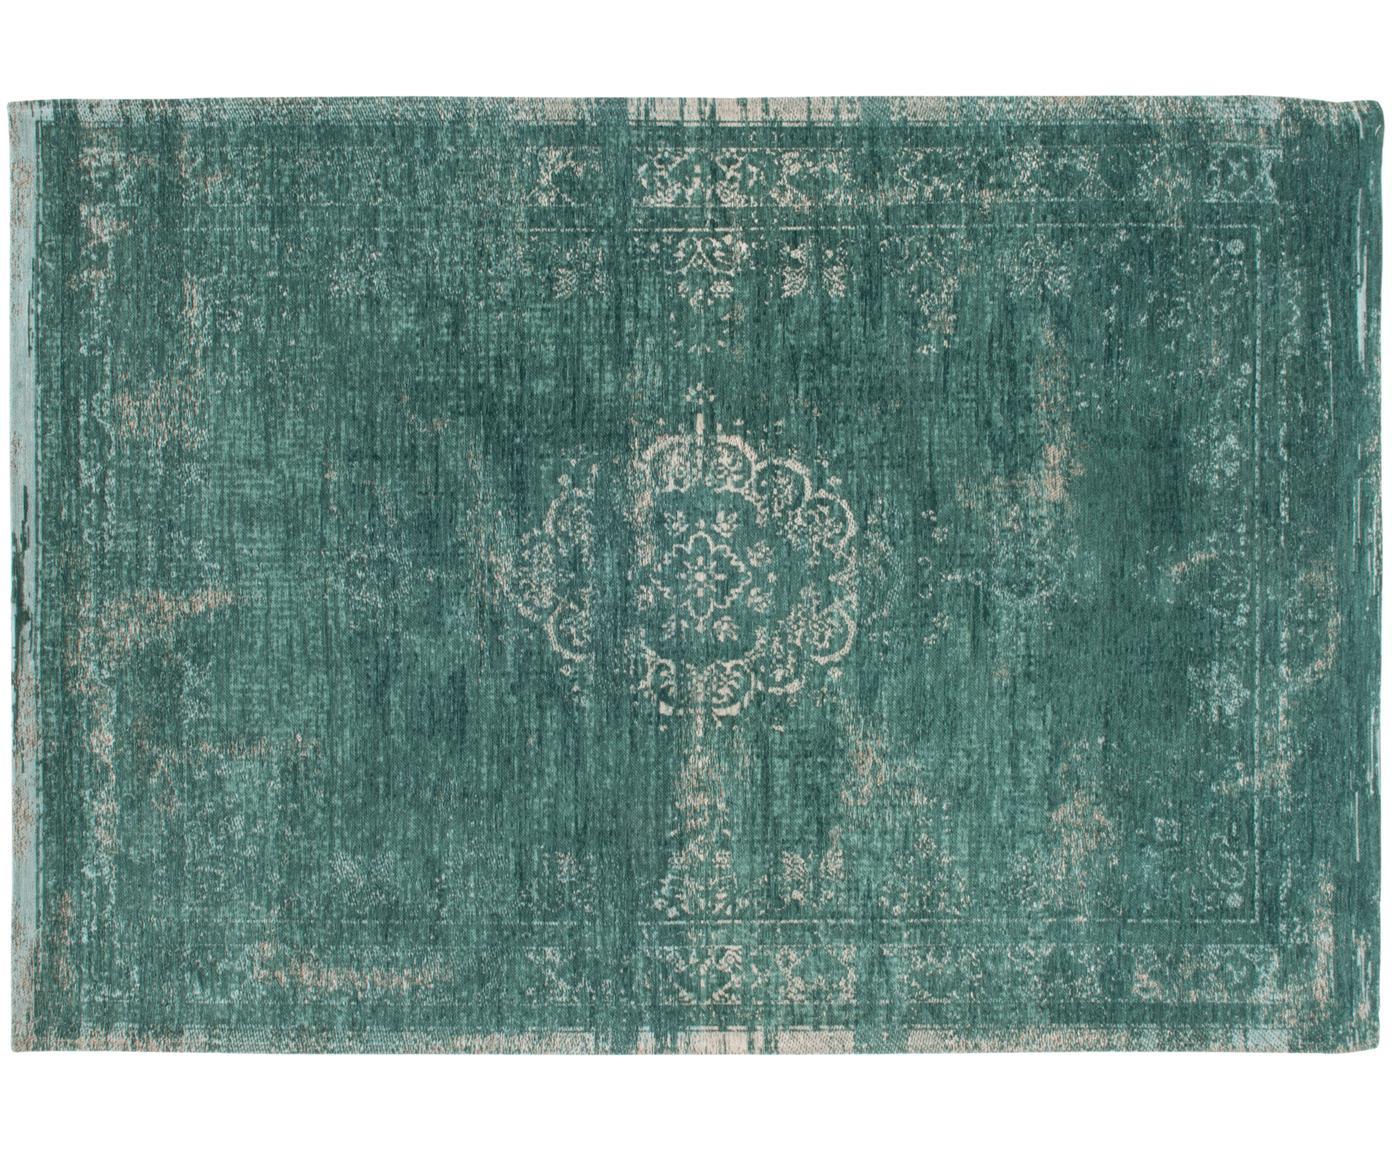 Vintage chenille vloerkleed Medaillon, Bovenzijde: chenille (katoen), Weeftechniek: jacquard, Onderzijde: chenille, gecoat met late, Groen, grijs, B 140 x L 200 cm (maat S)